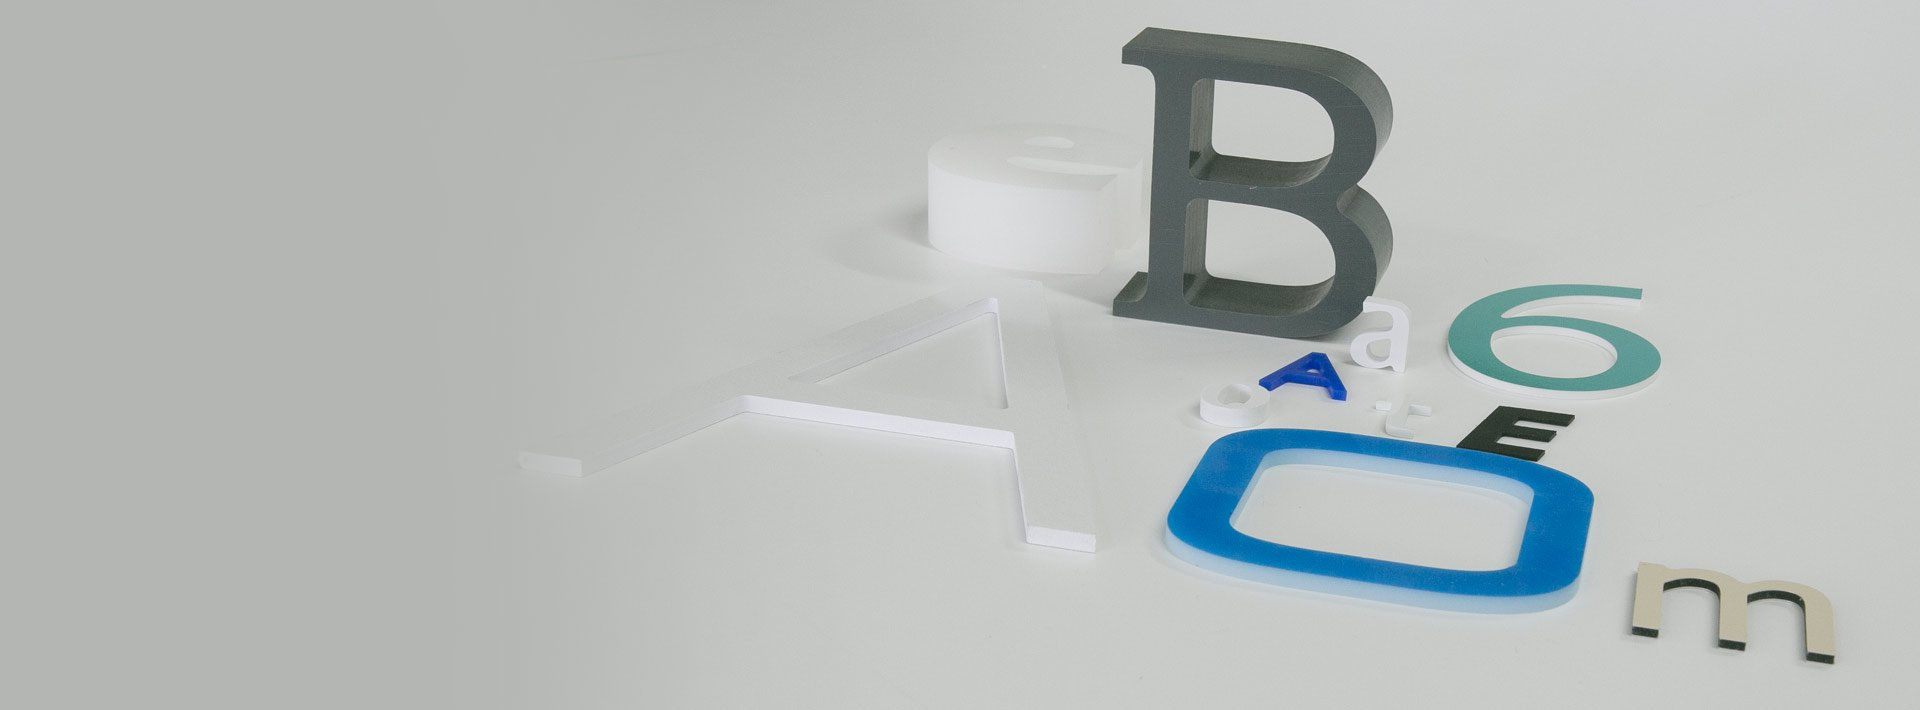 decoupe de lettres - Atout Plastic